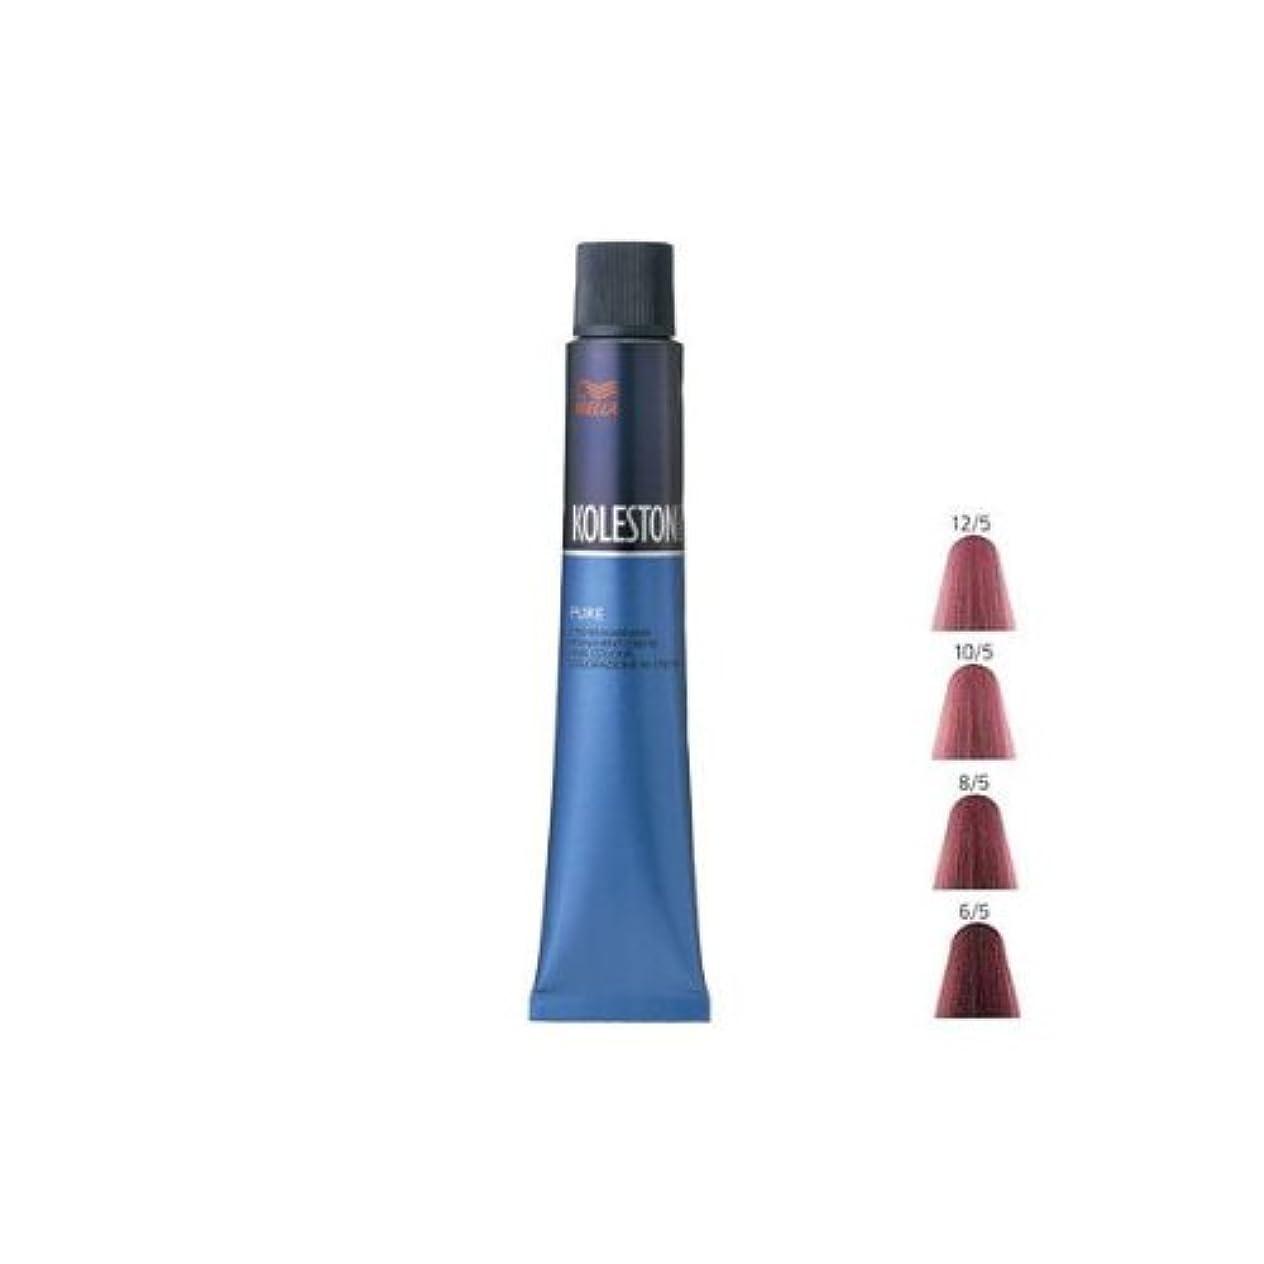 スキャンダラスハードリング繊毛ウエラ コレストン パーフェクト Pure[ローズ 5](1剤) 80g【WELLA】 (6/5)